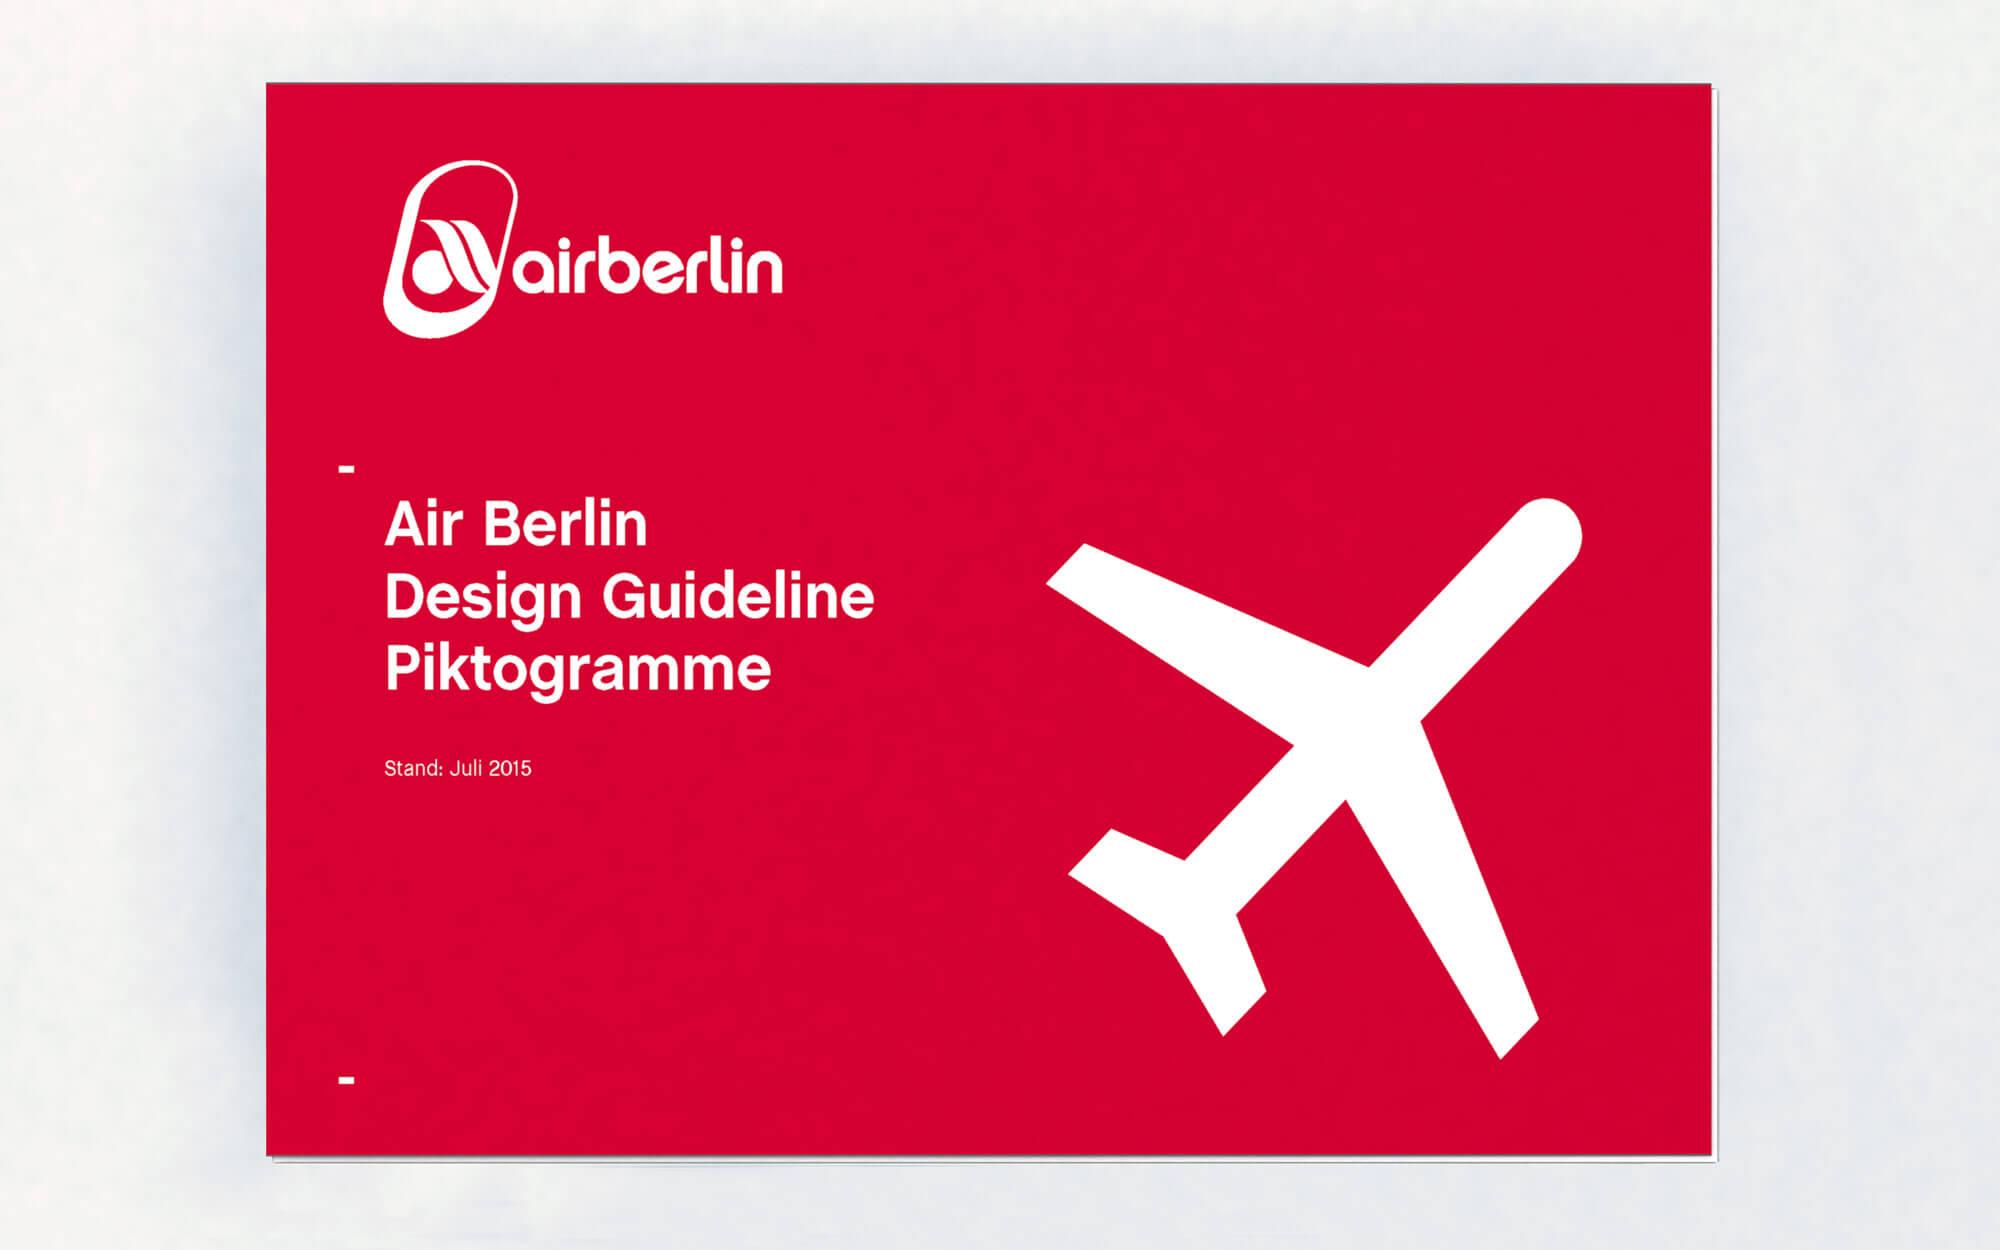 Piktogramme, Corporate Illustration, Illustration, Orientierungssystem, Leitsystem, Wayfind System, flughafen piktogramme, airline piktogramme